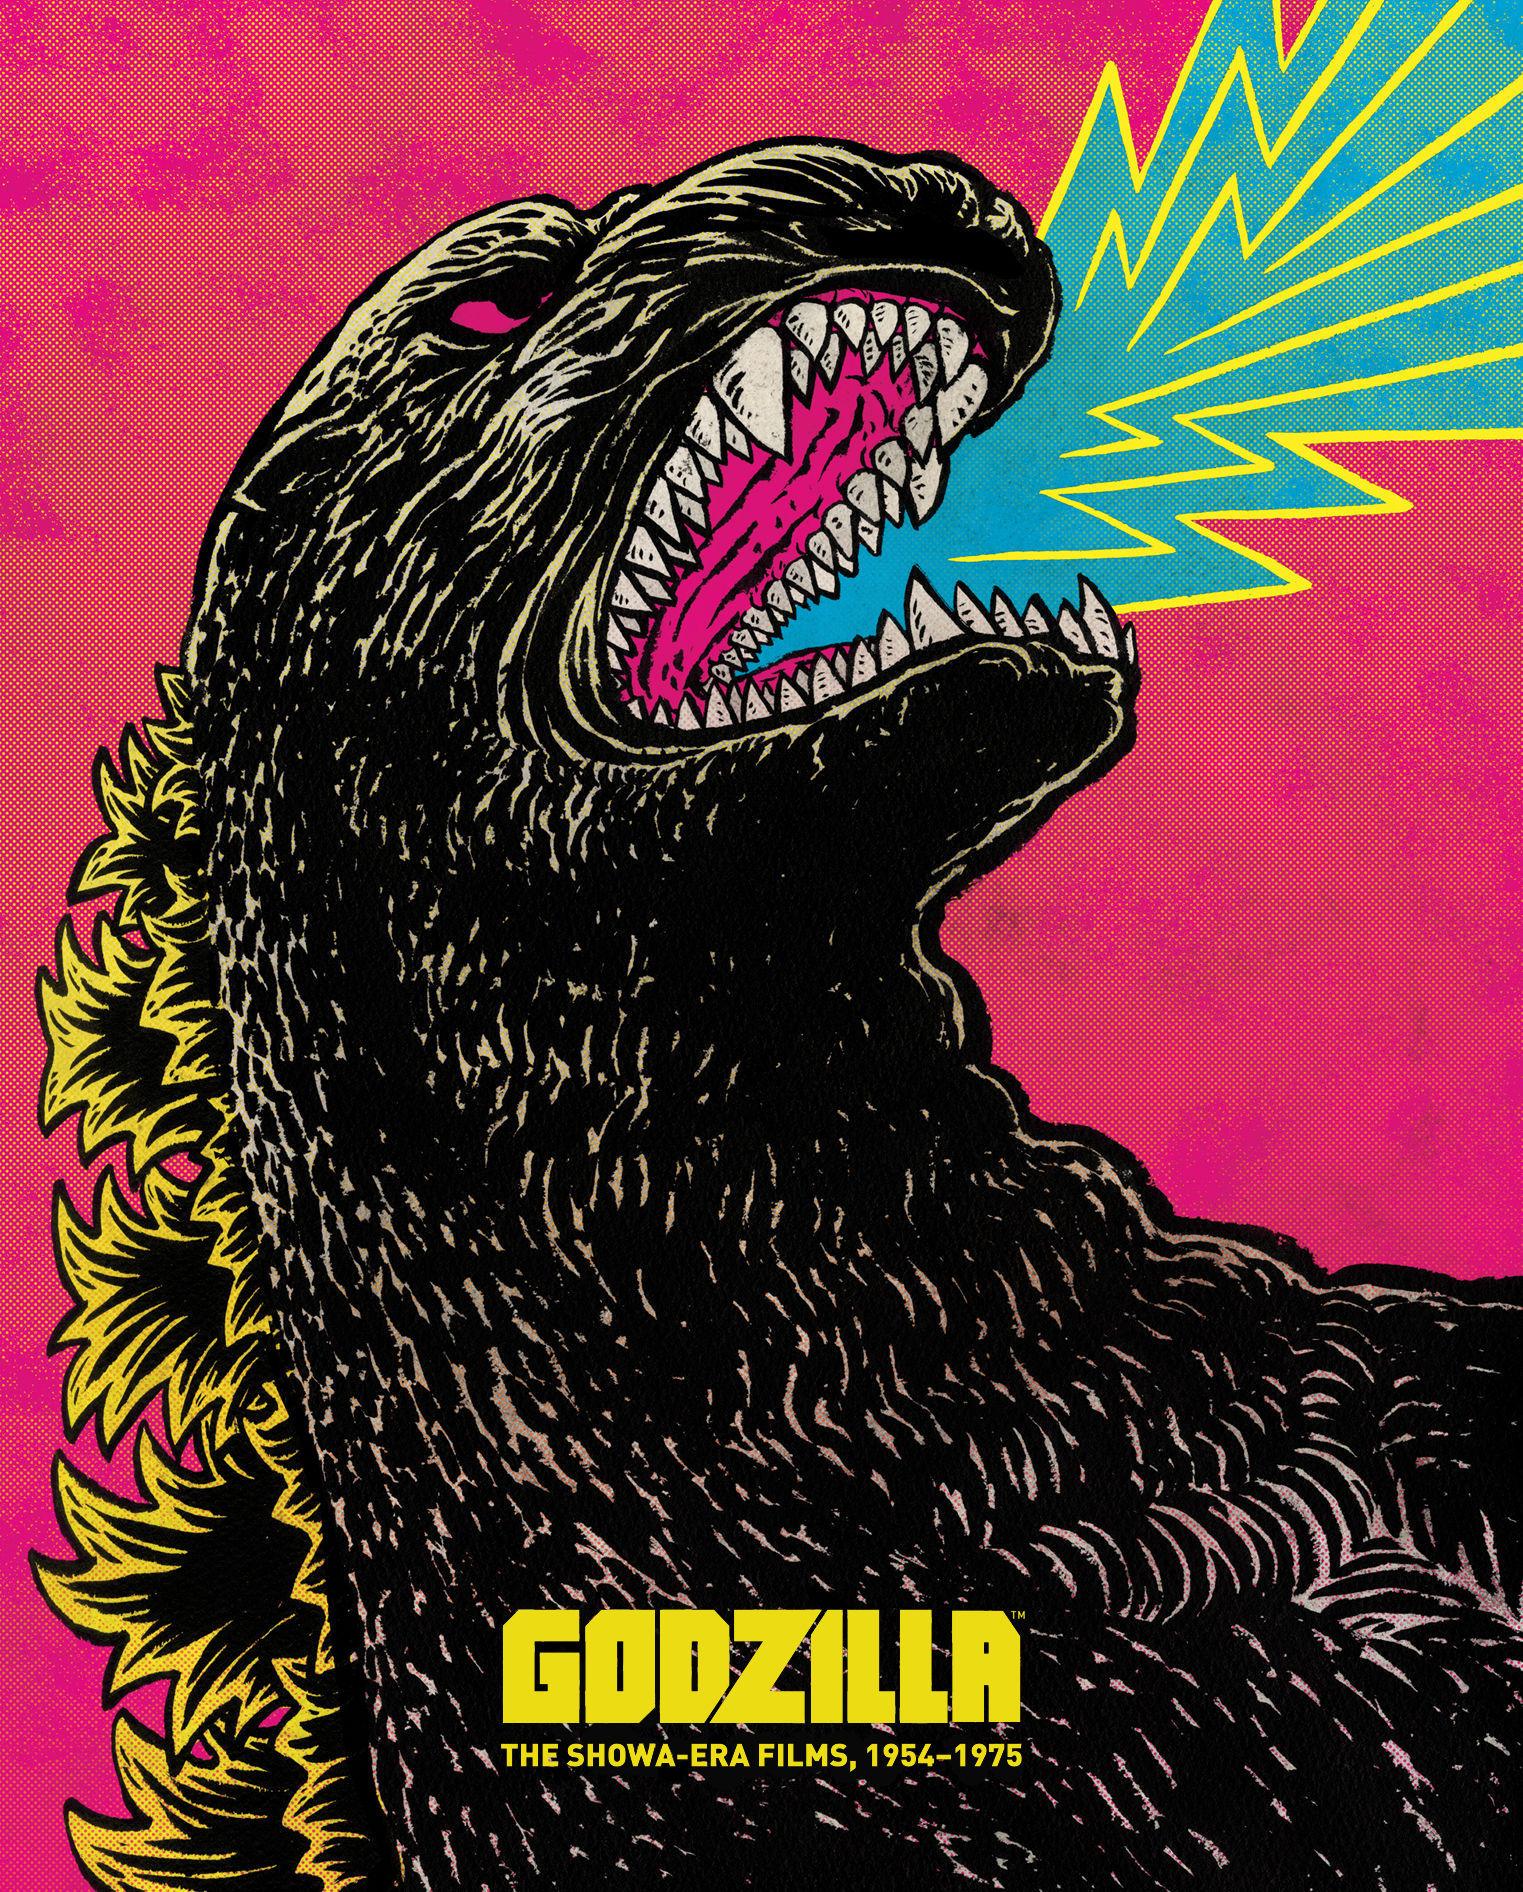 godzilla-box-set-cover